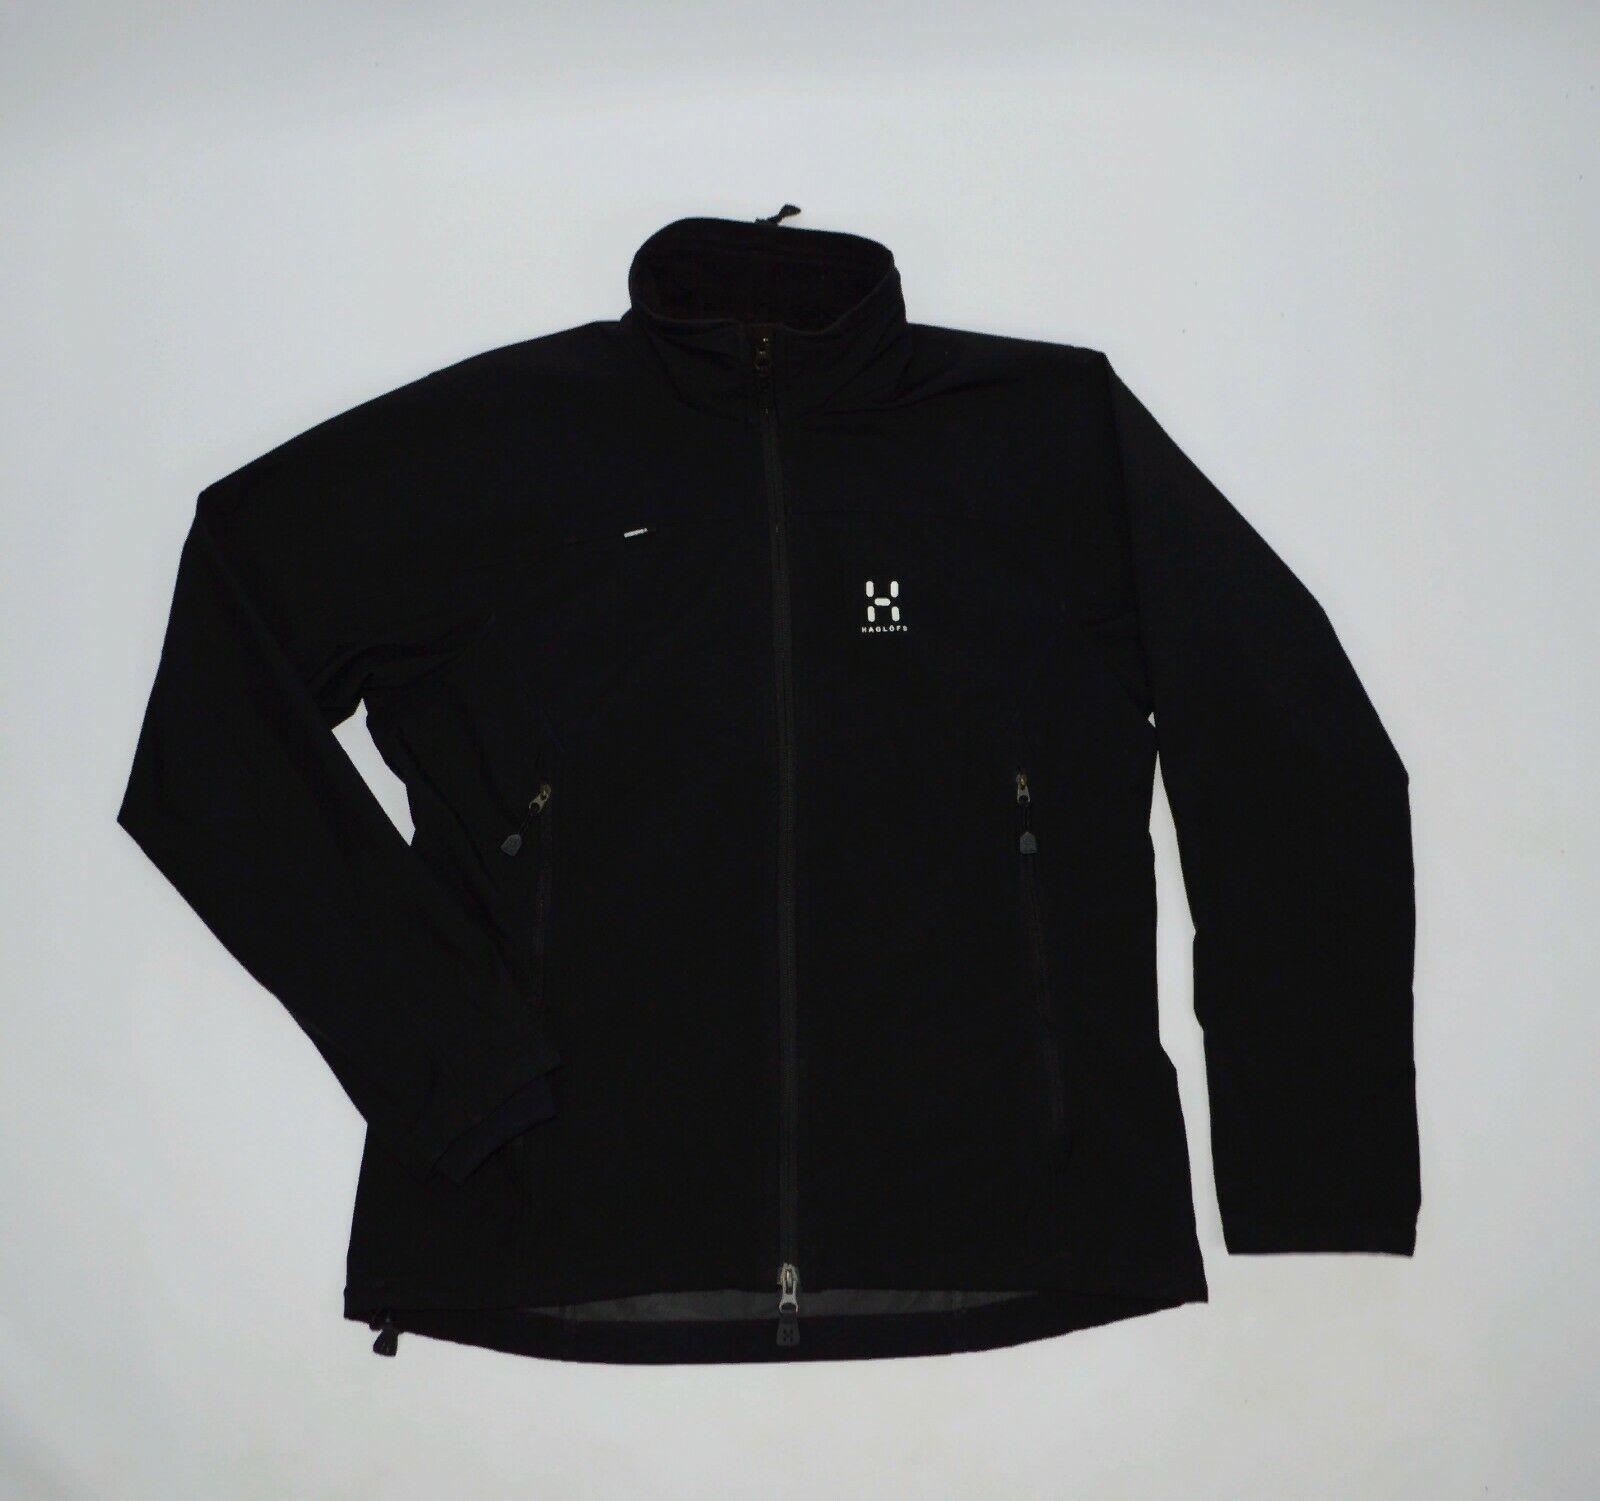 Women's Haglofs Black Windstopper Outdoor Jacket Size L